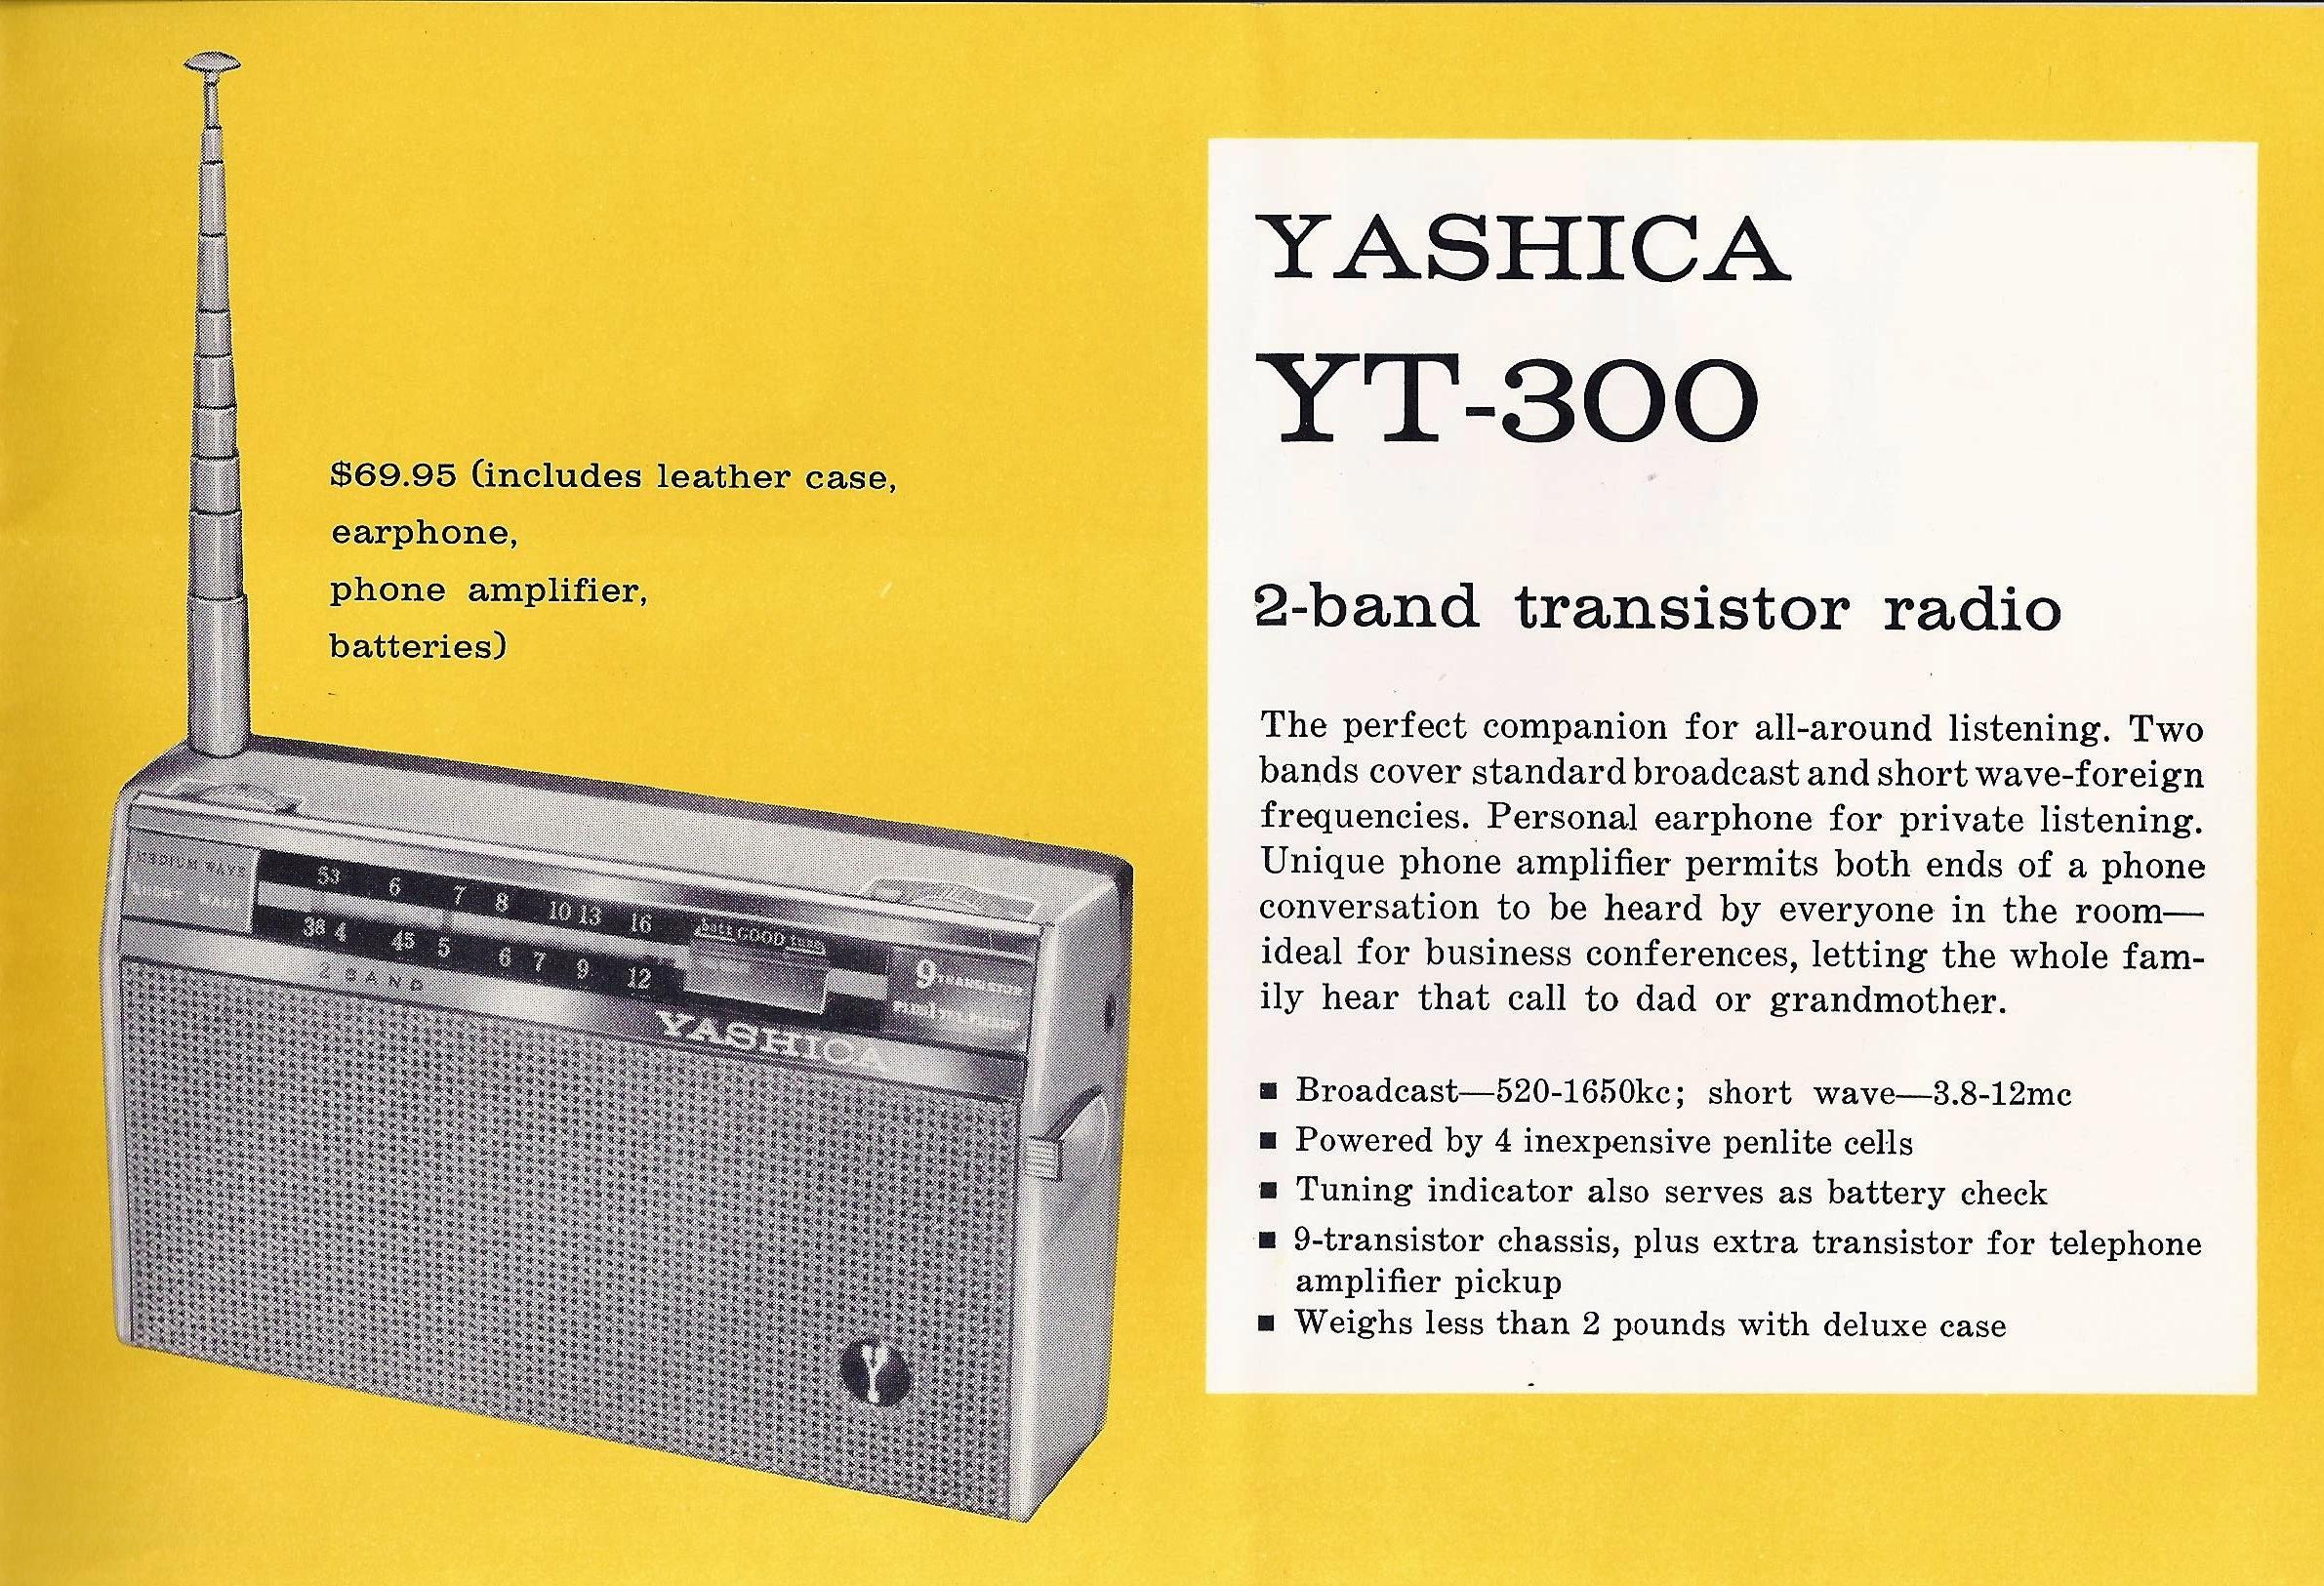 Yashica YT-300 Radio Brochure